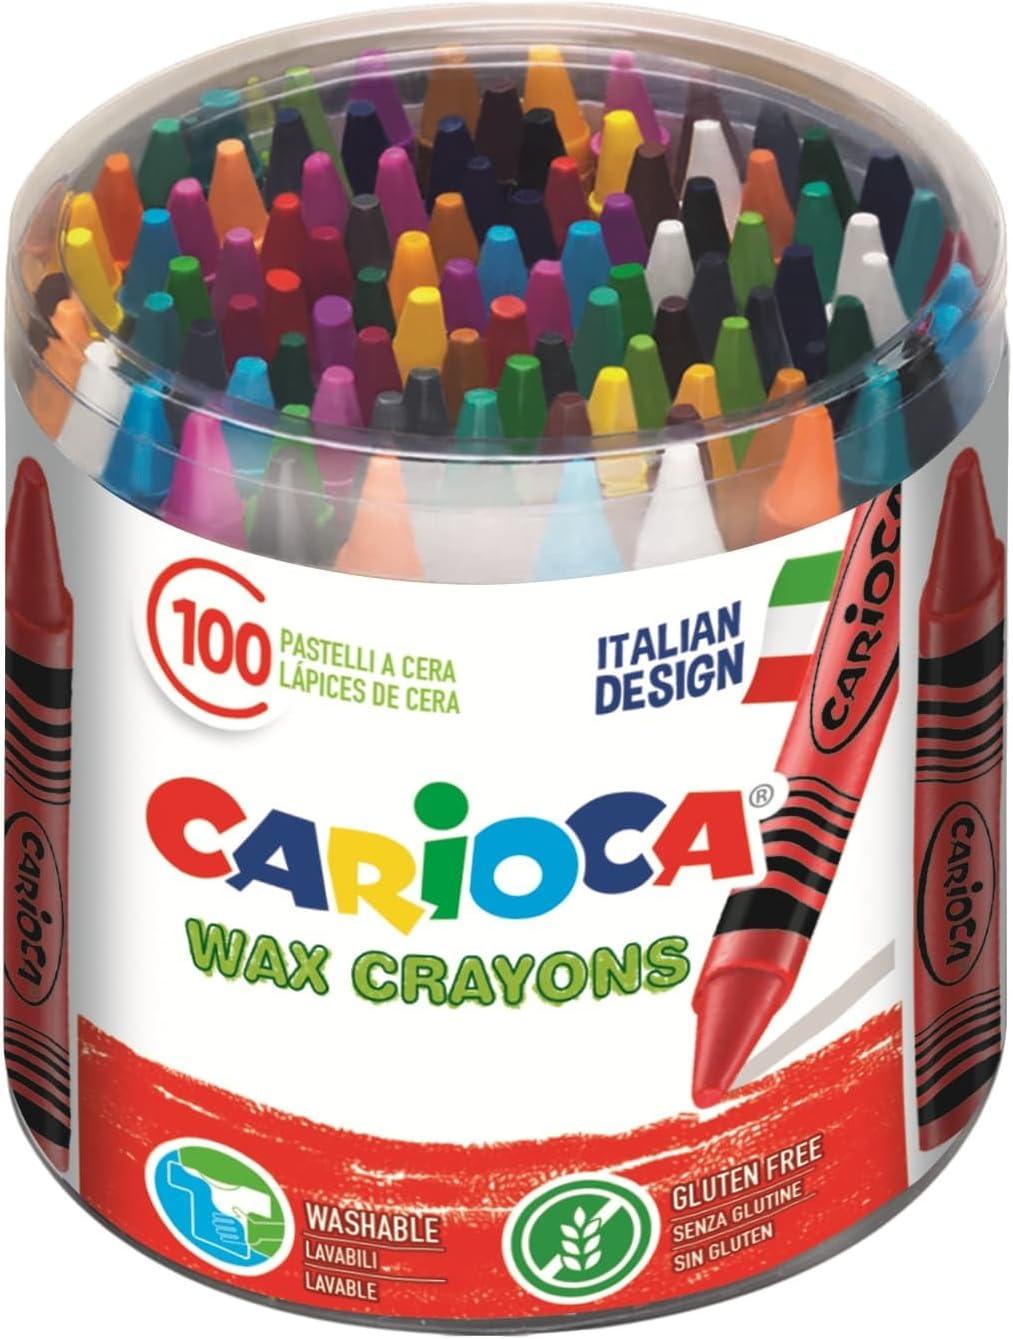 CARIOCA WAX   42399 - Caja de Ceras, Colores Surtidos 100 Unidades: Amazon.es: Juguetes y juegos